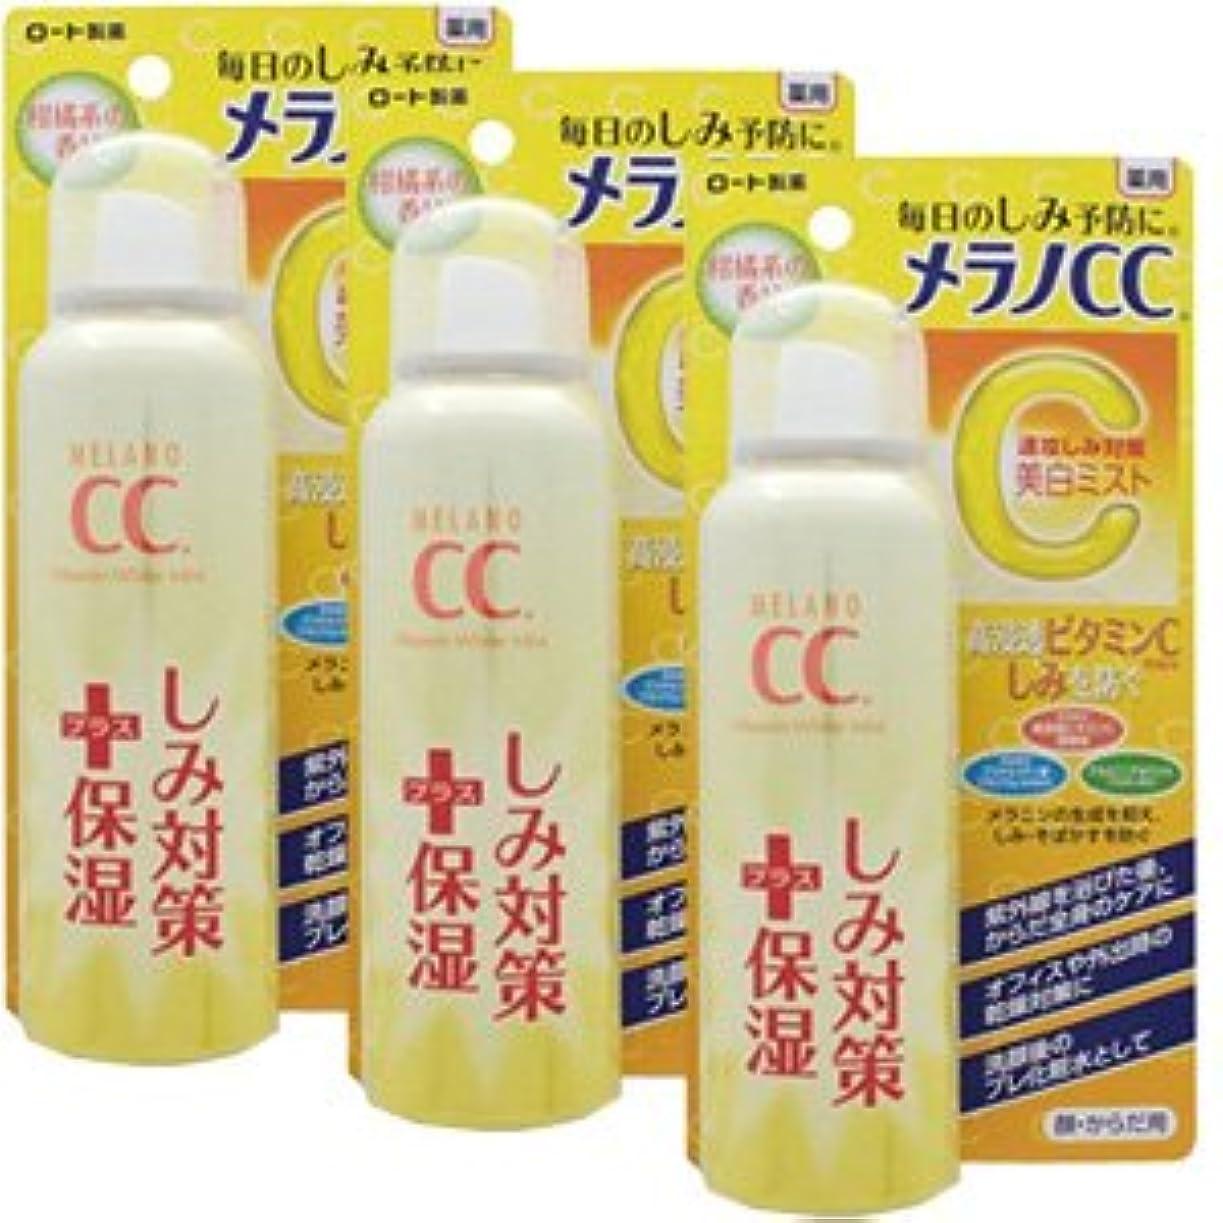 【3個】メラノCC 薬用しみ対策美白ミスト化粧水 100gx3個